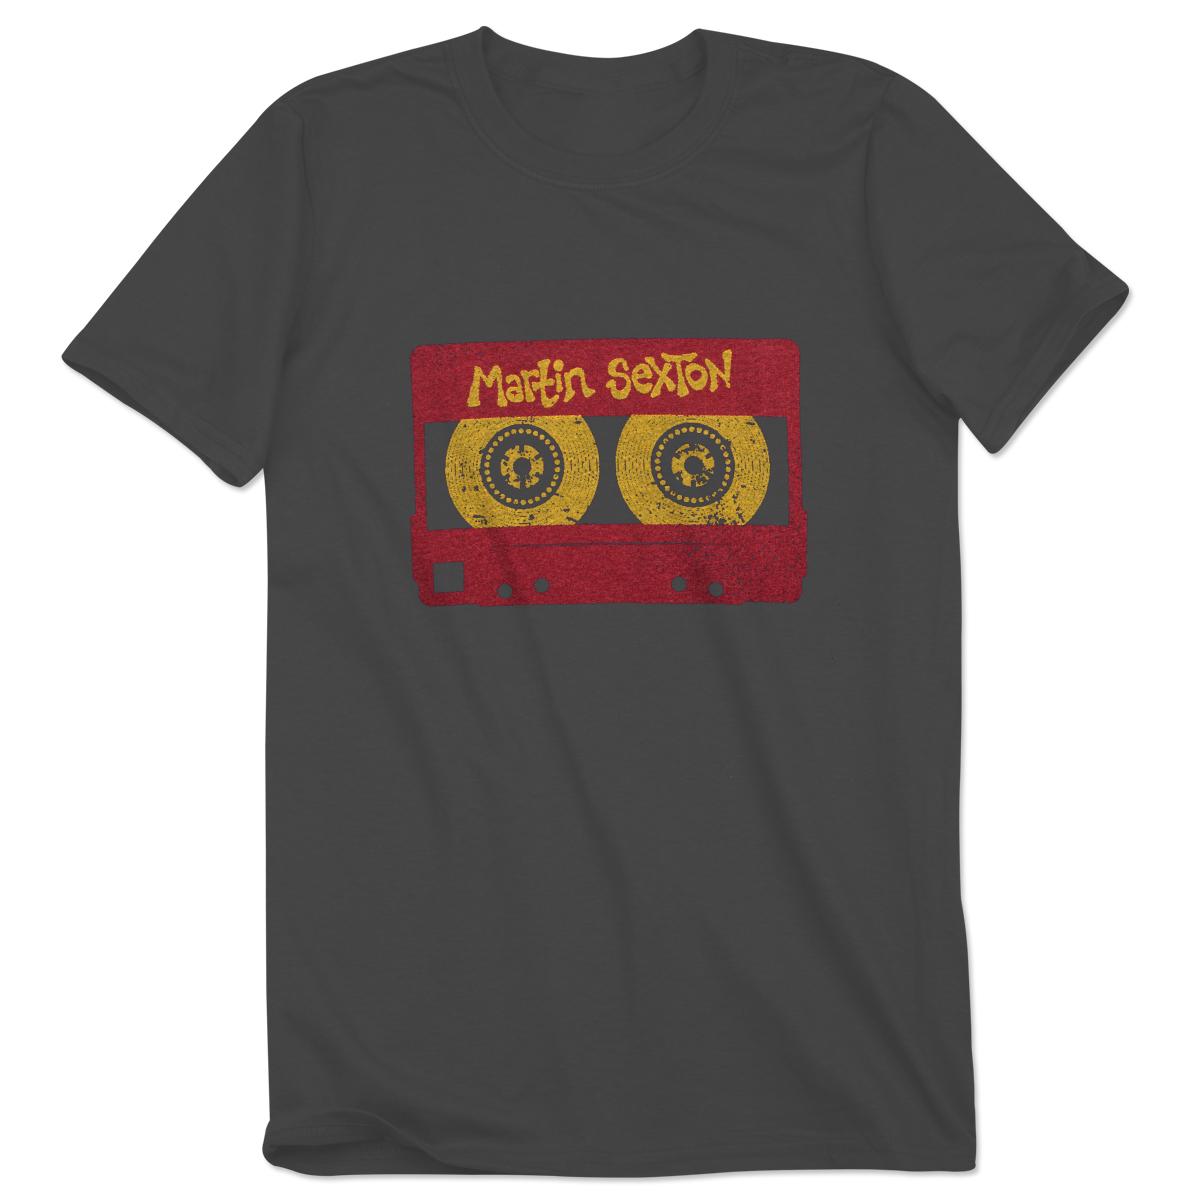 Adult Mixtape Tour 2015 T-Shirt